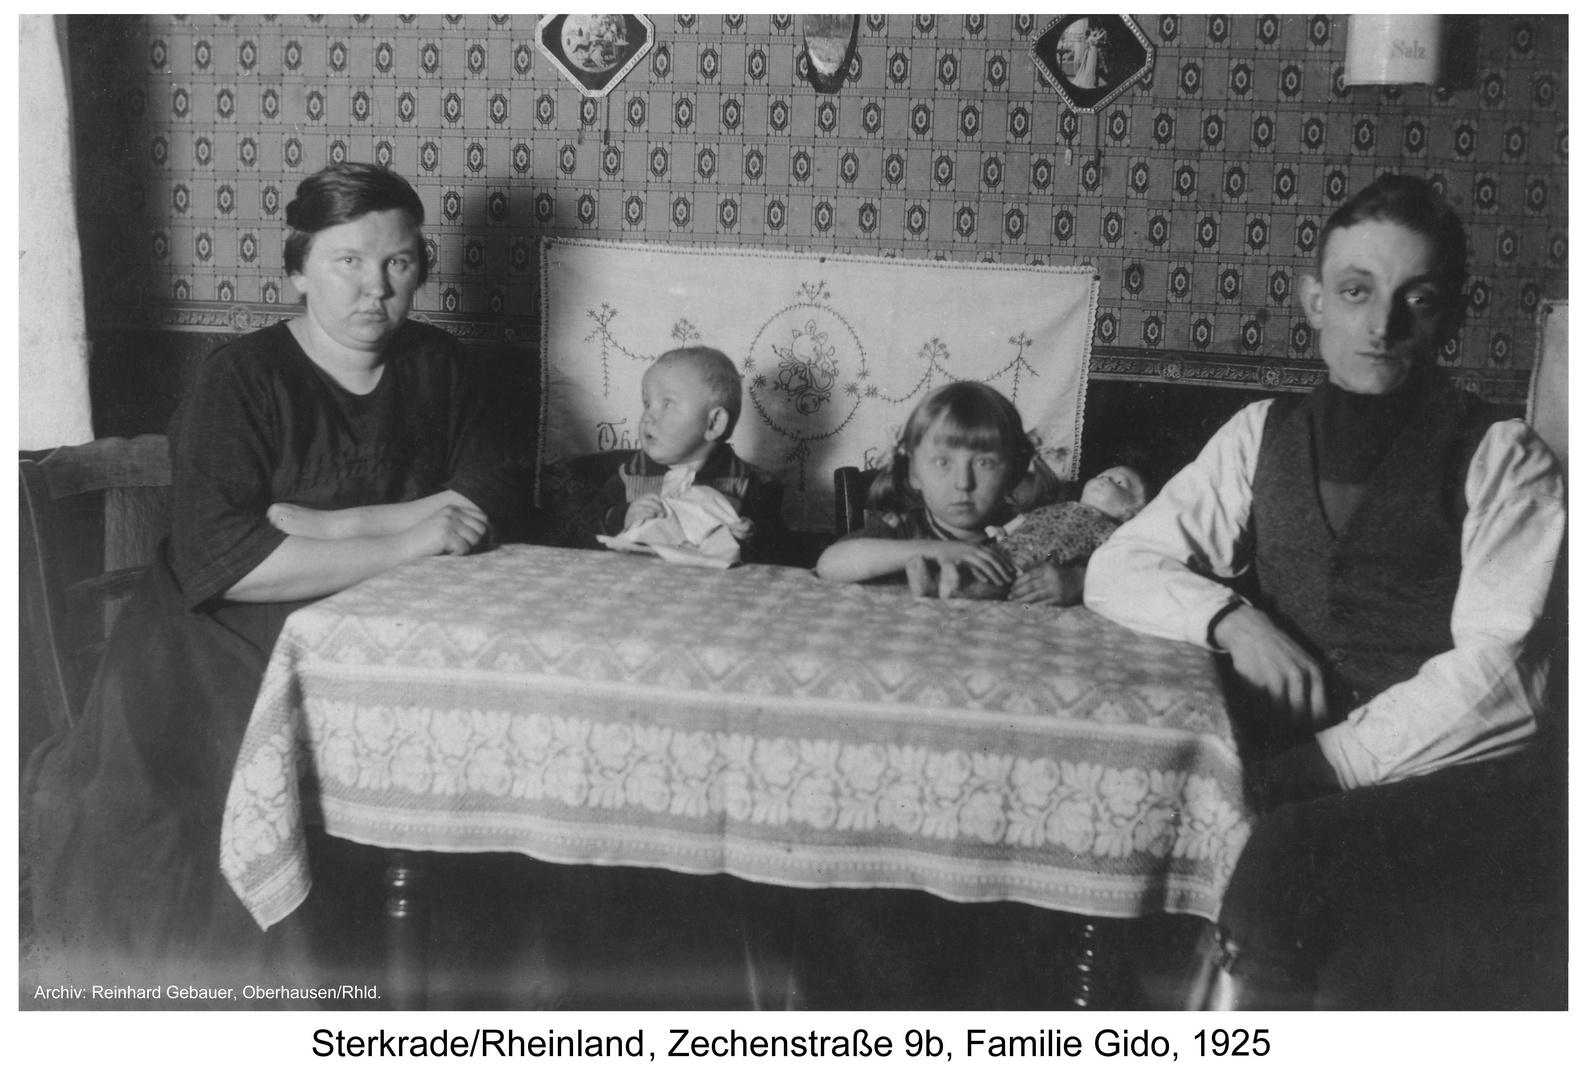 Sterkrade, Zechenstraße 9b, Familie Gido, 1925